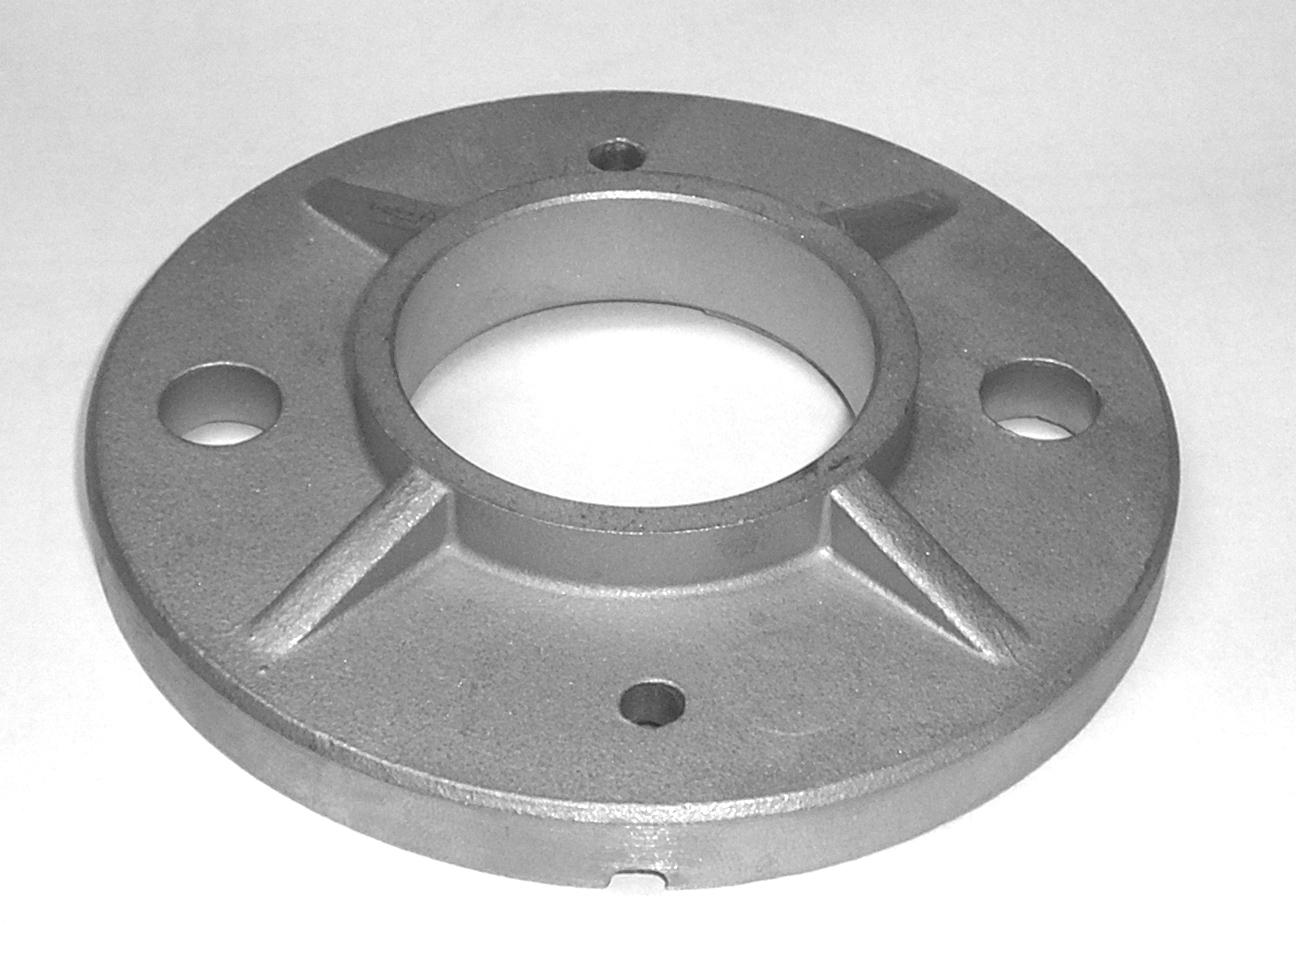 Edelstahl Rohrverbinder für Rohr 42,4 x 2,0mm Geländer Steckfitting Fitting V2A